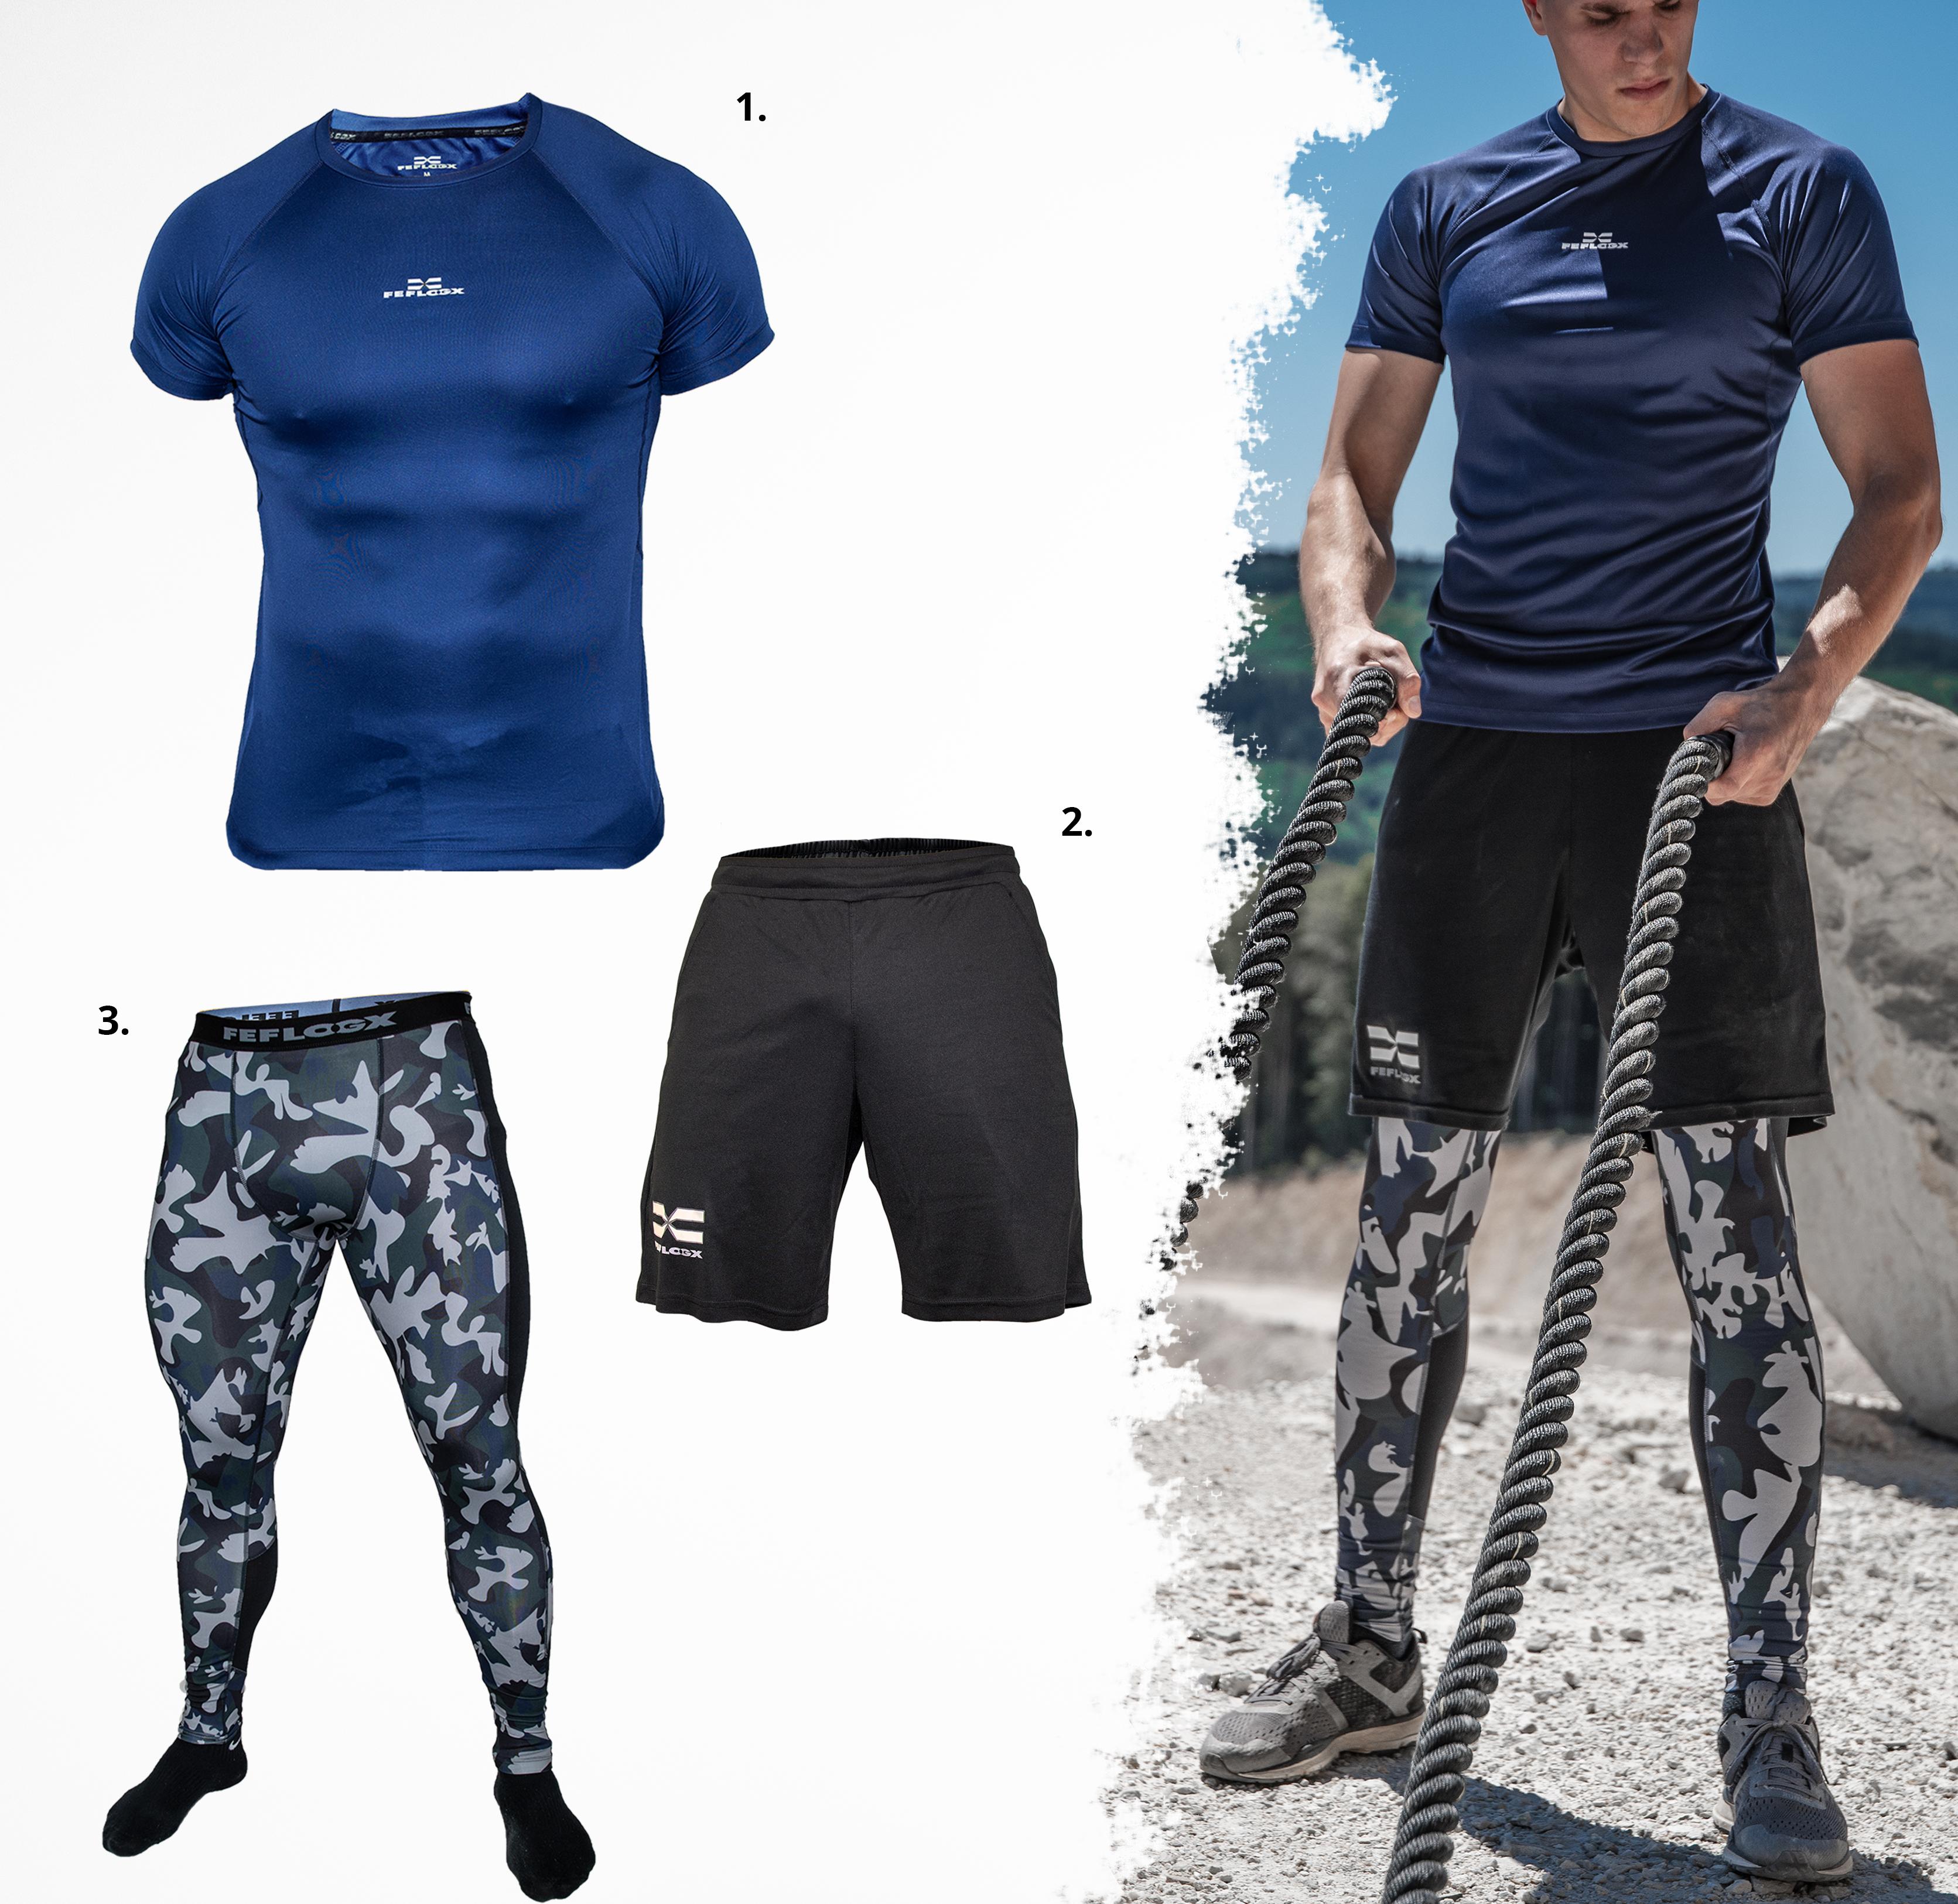 FEFLOGX Sportswear Pakage: Das Beste für dei Besten (1).